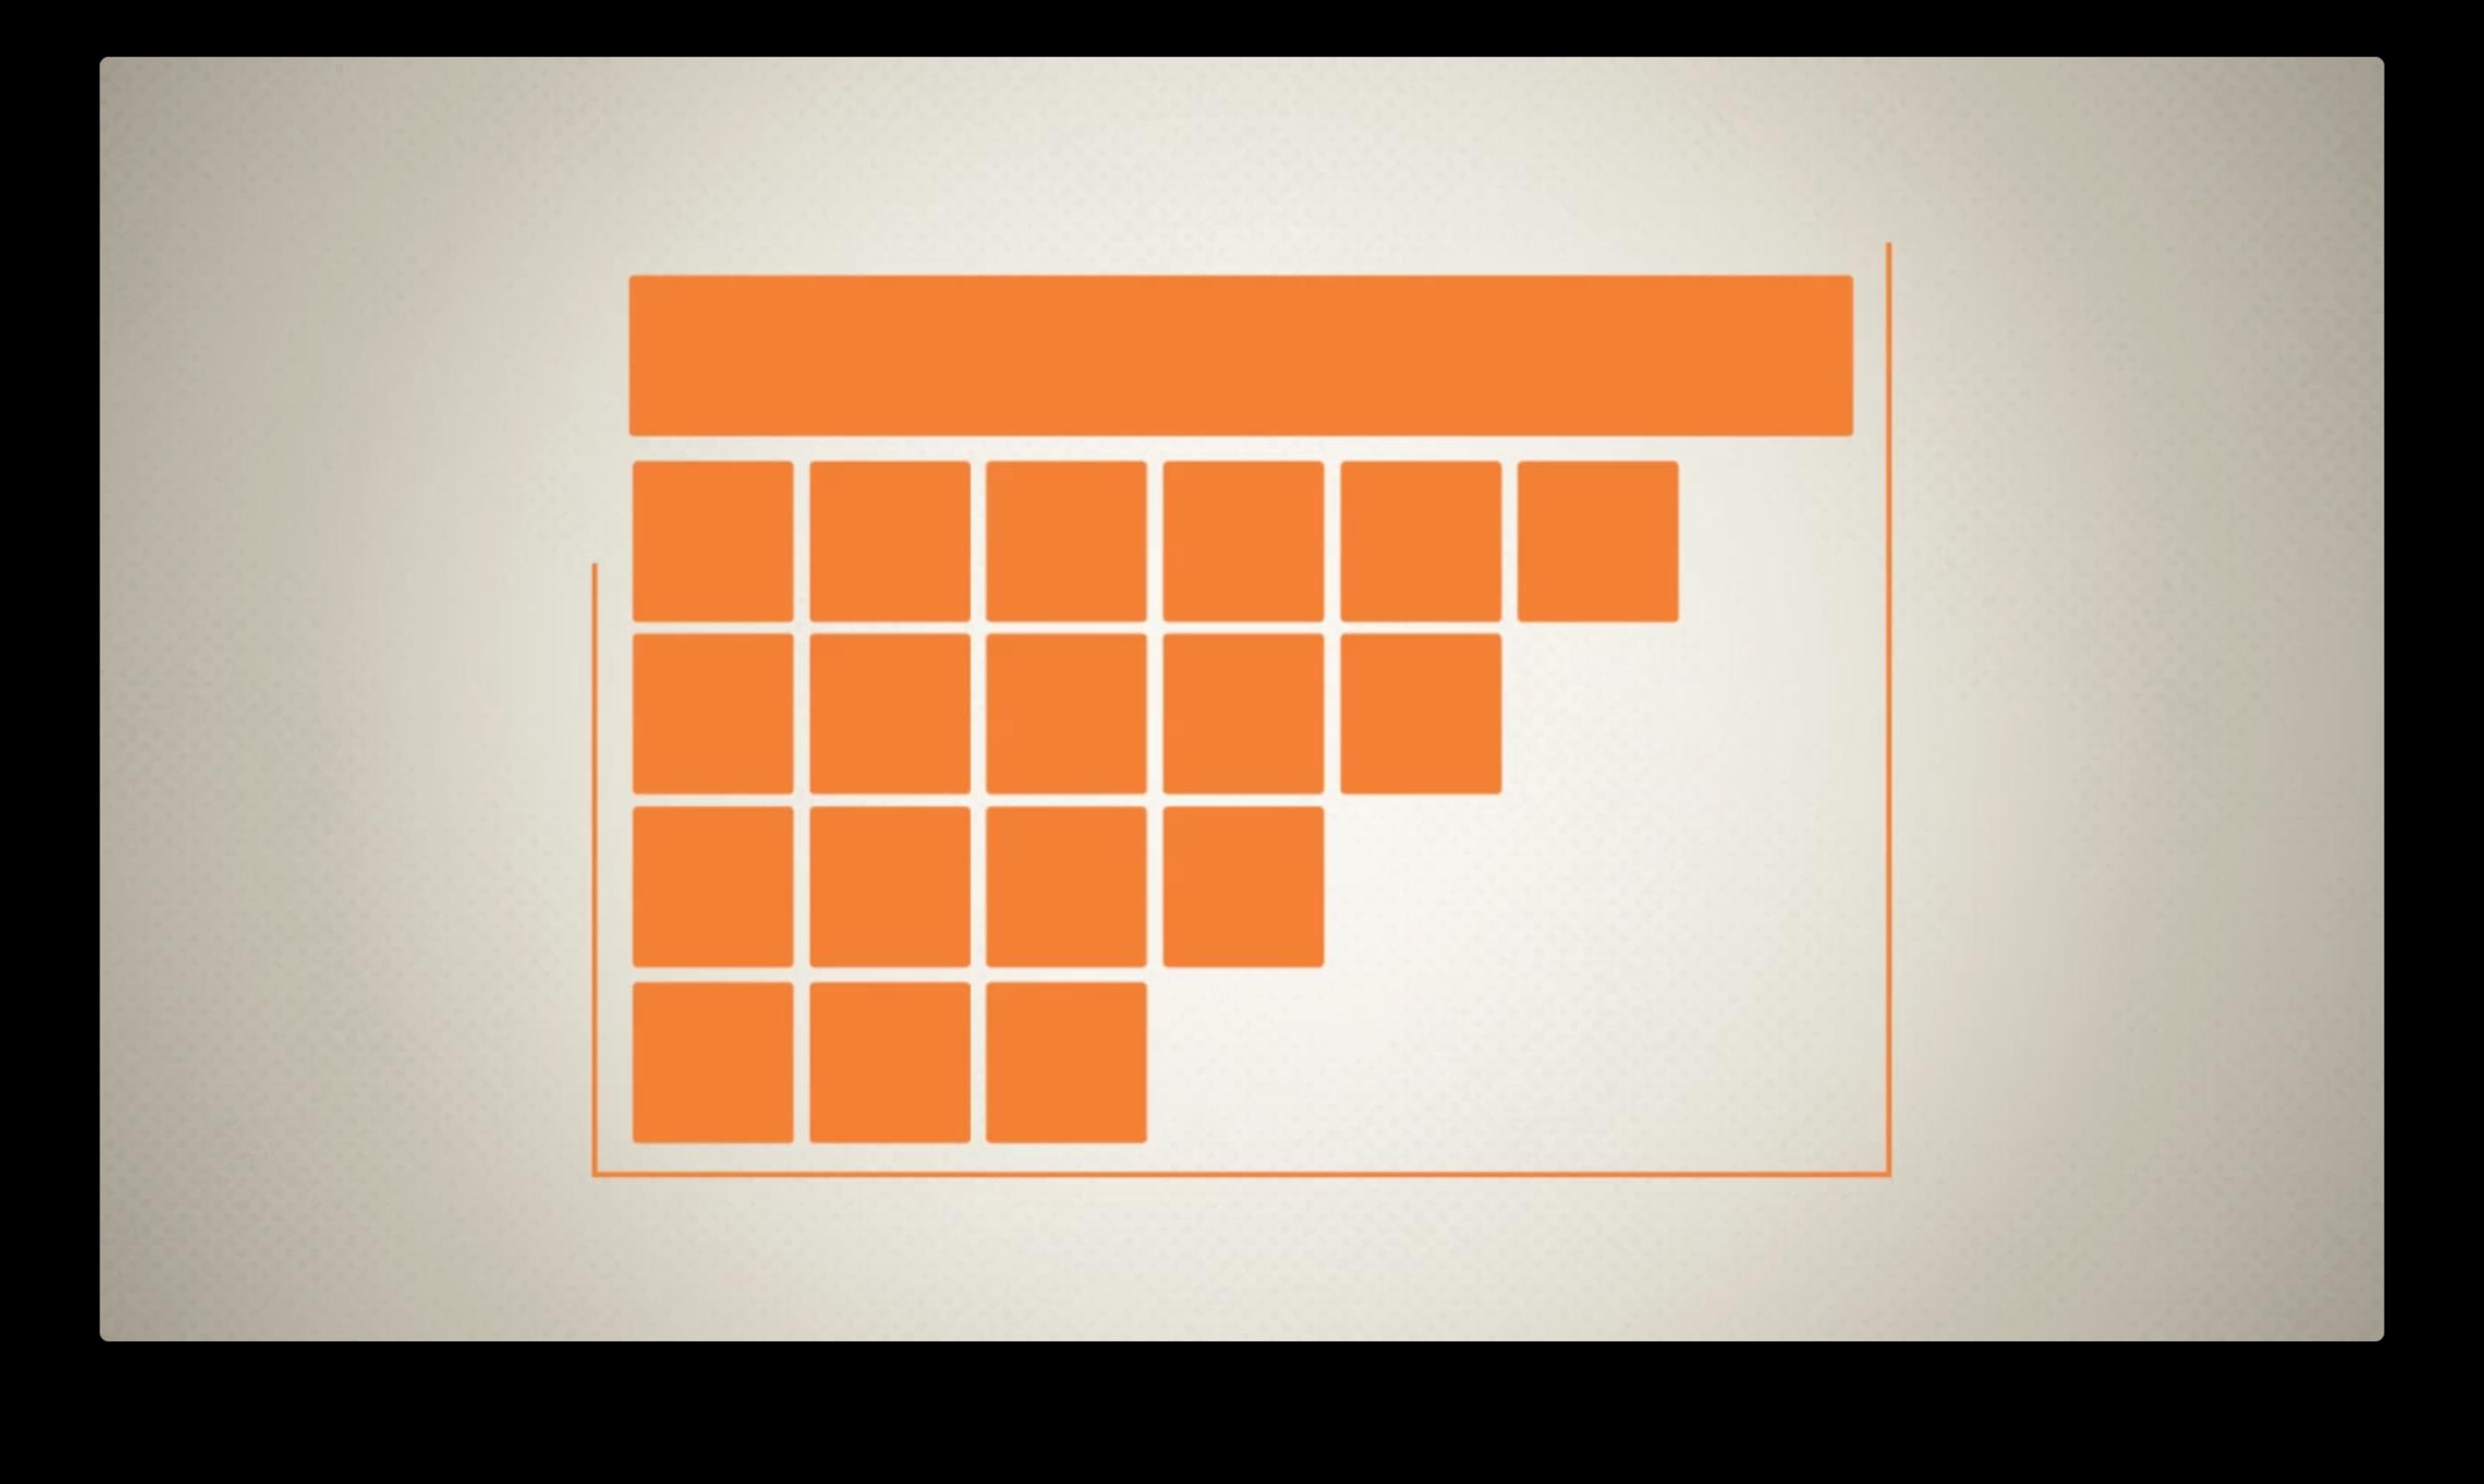 Screen Shot 2014-12-14 at 9.28.19 PM.png